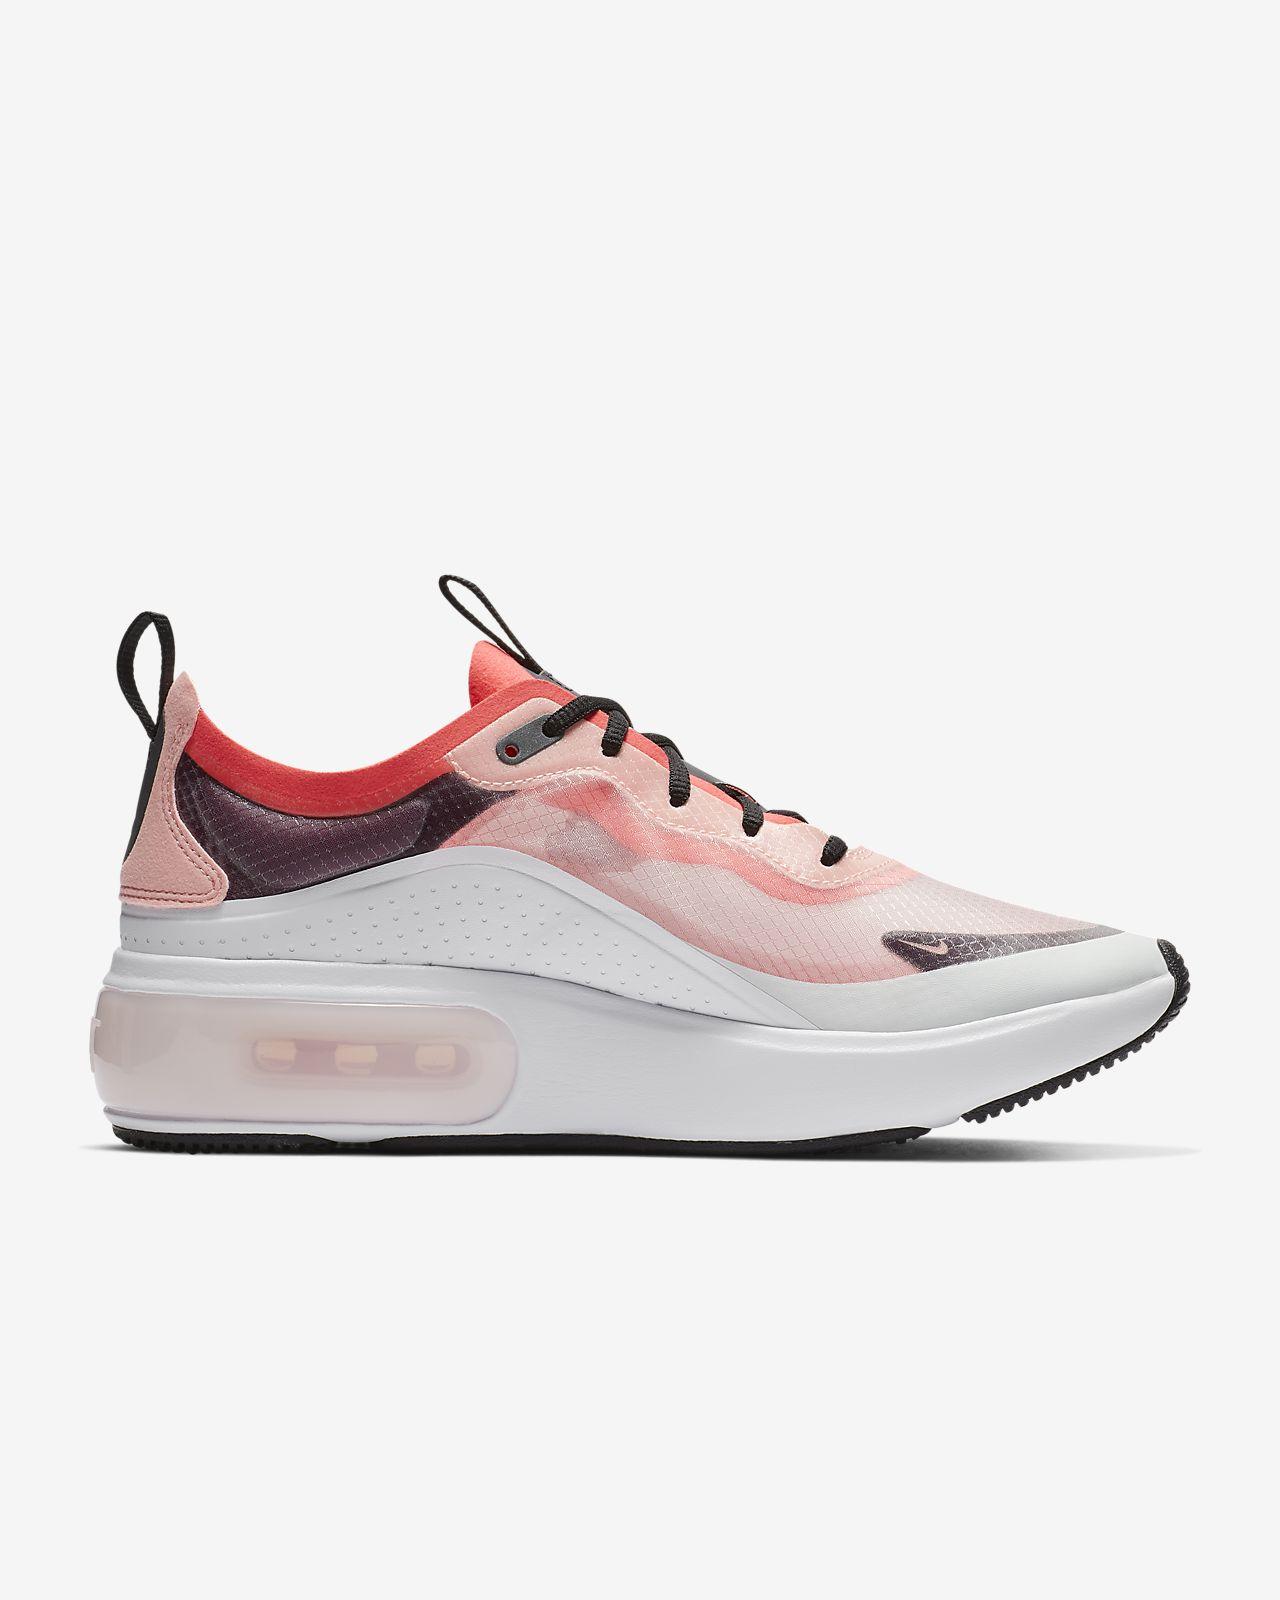 9f87a63f802 Nike Air Max Dia SE QS Shoe. Nike.com IN